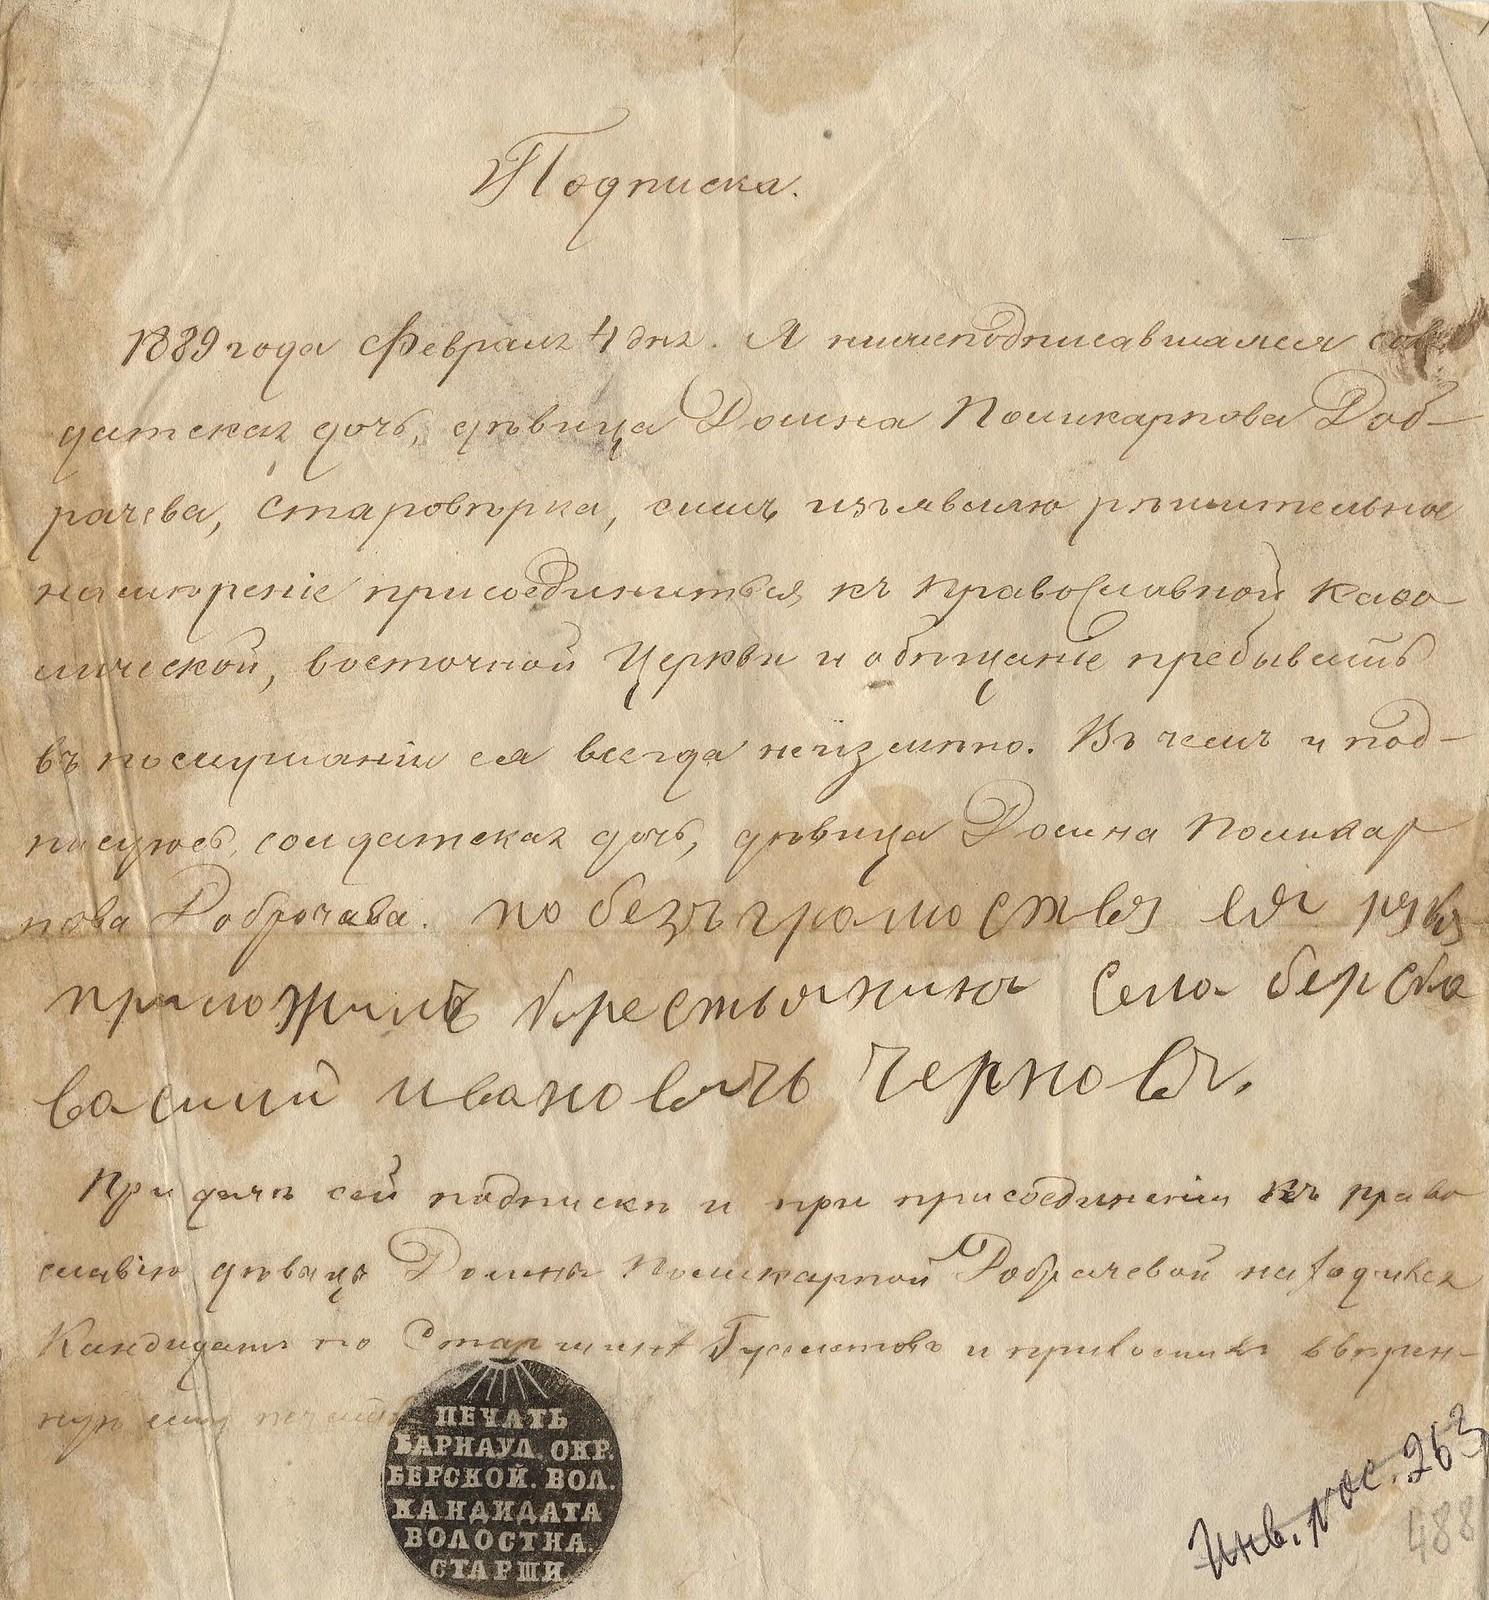 1889. Подписка староверки Домны Поликарповны Добрачевой о присоединении к православной вере.